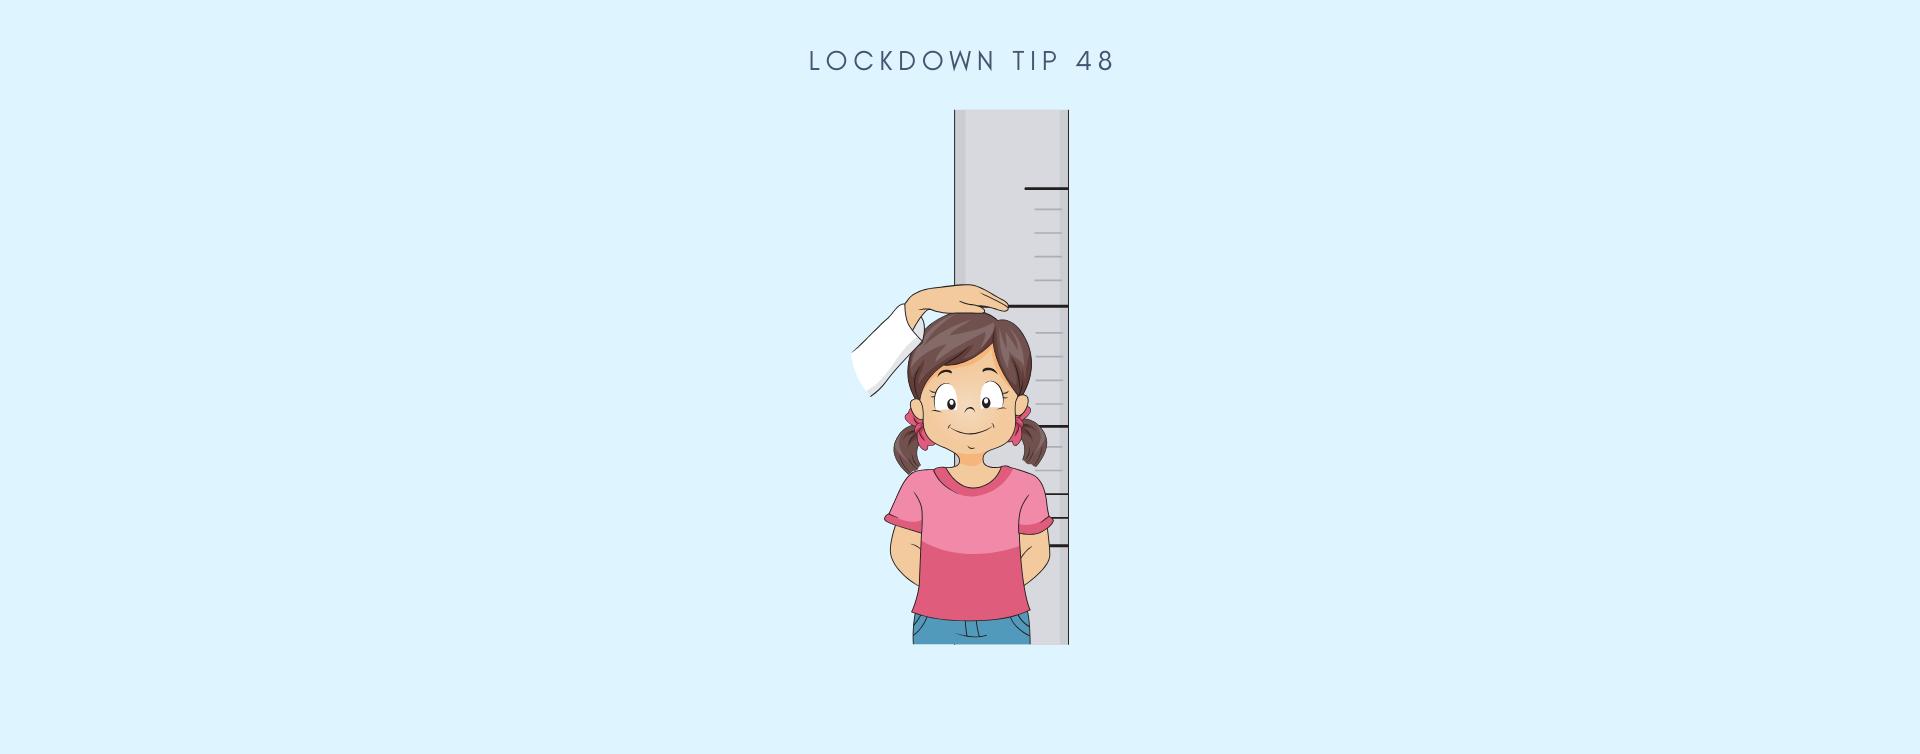 MCSA Lockdown Tip 48